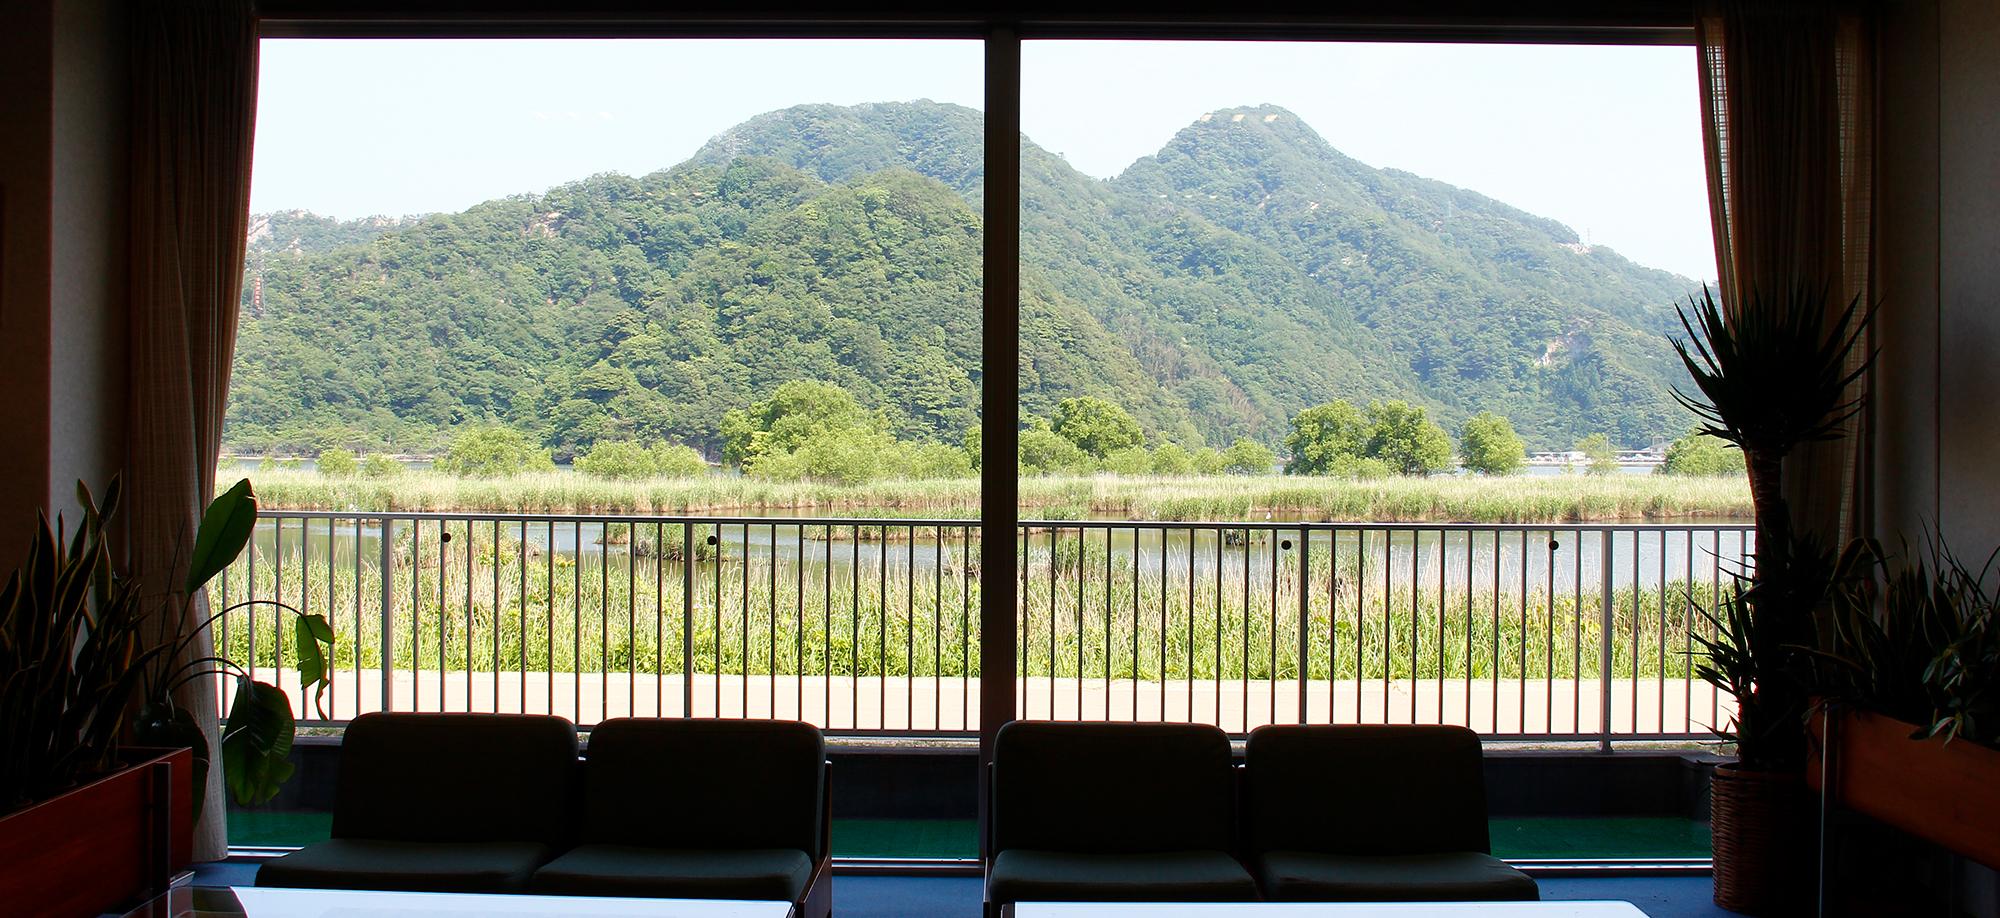 お宿芹の室内から見える素晴らしい外の風景